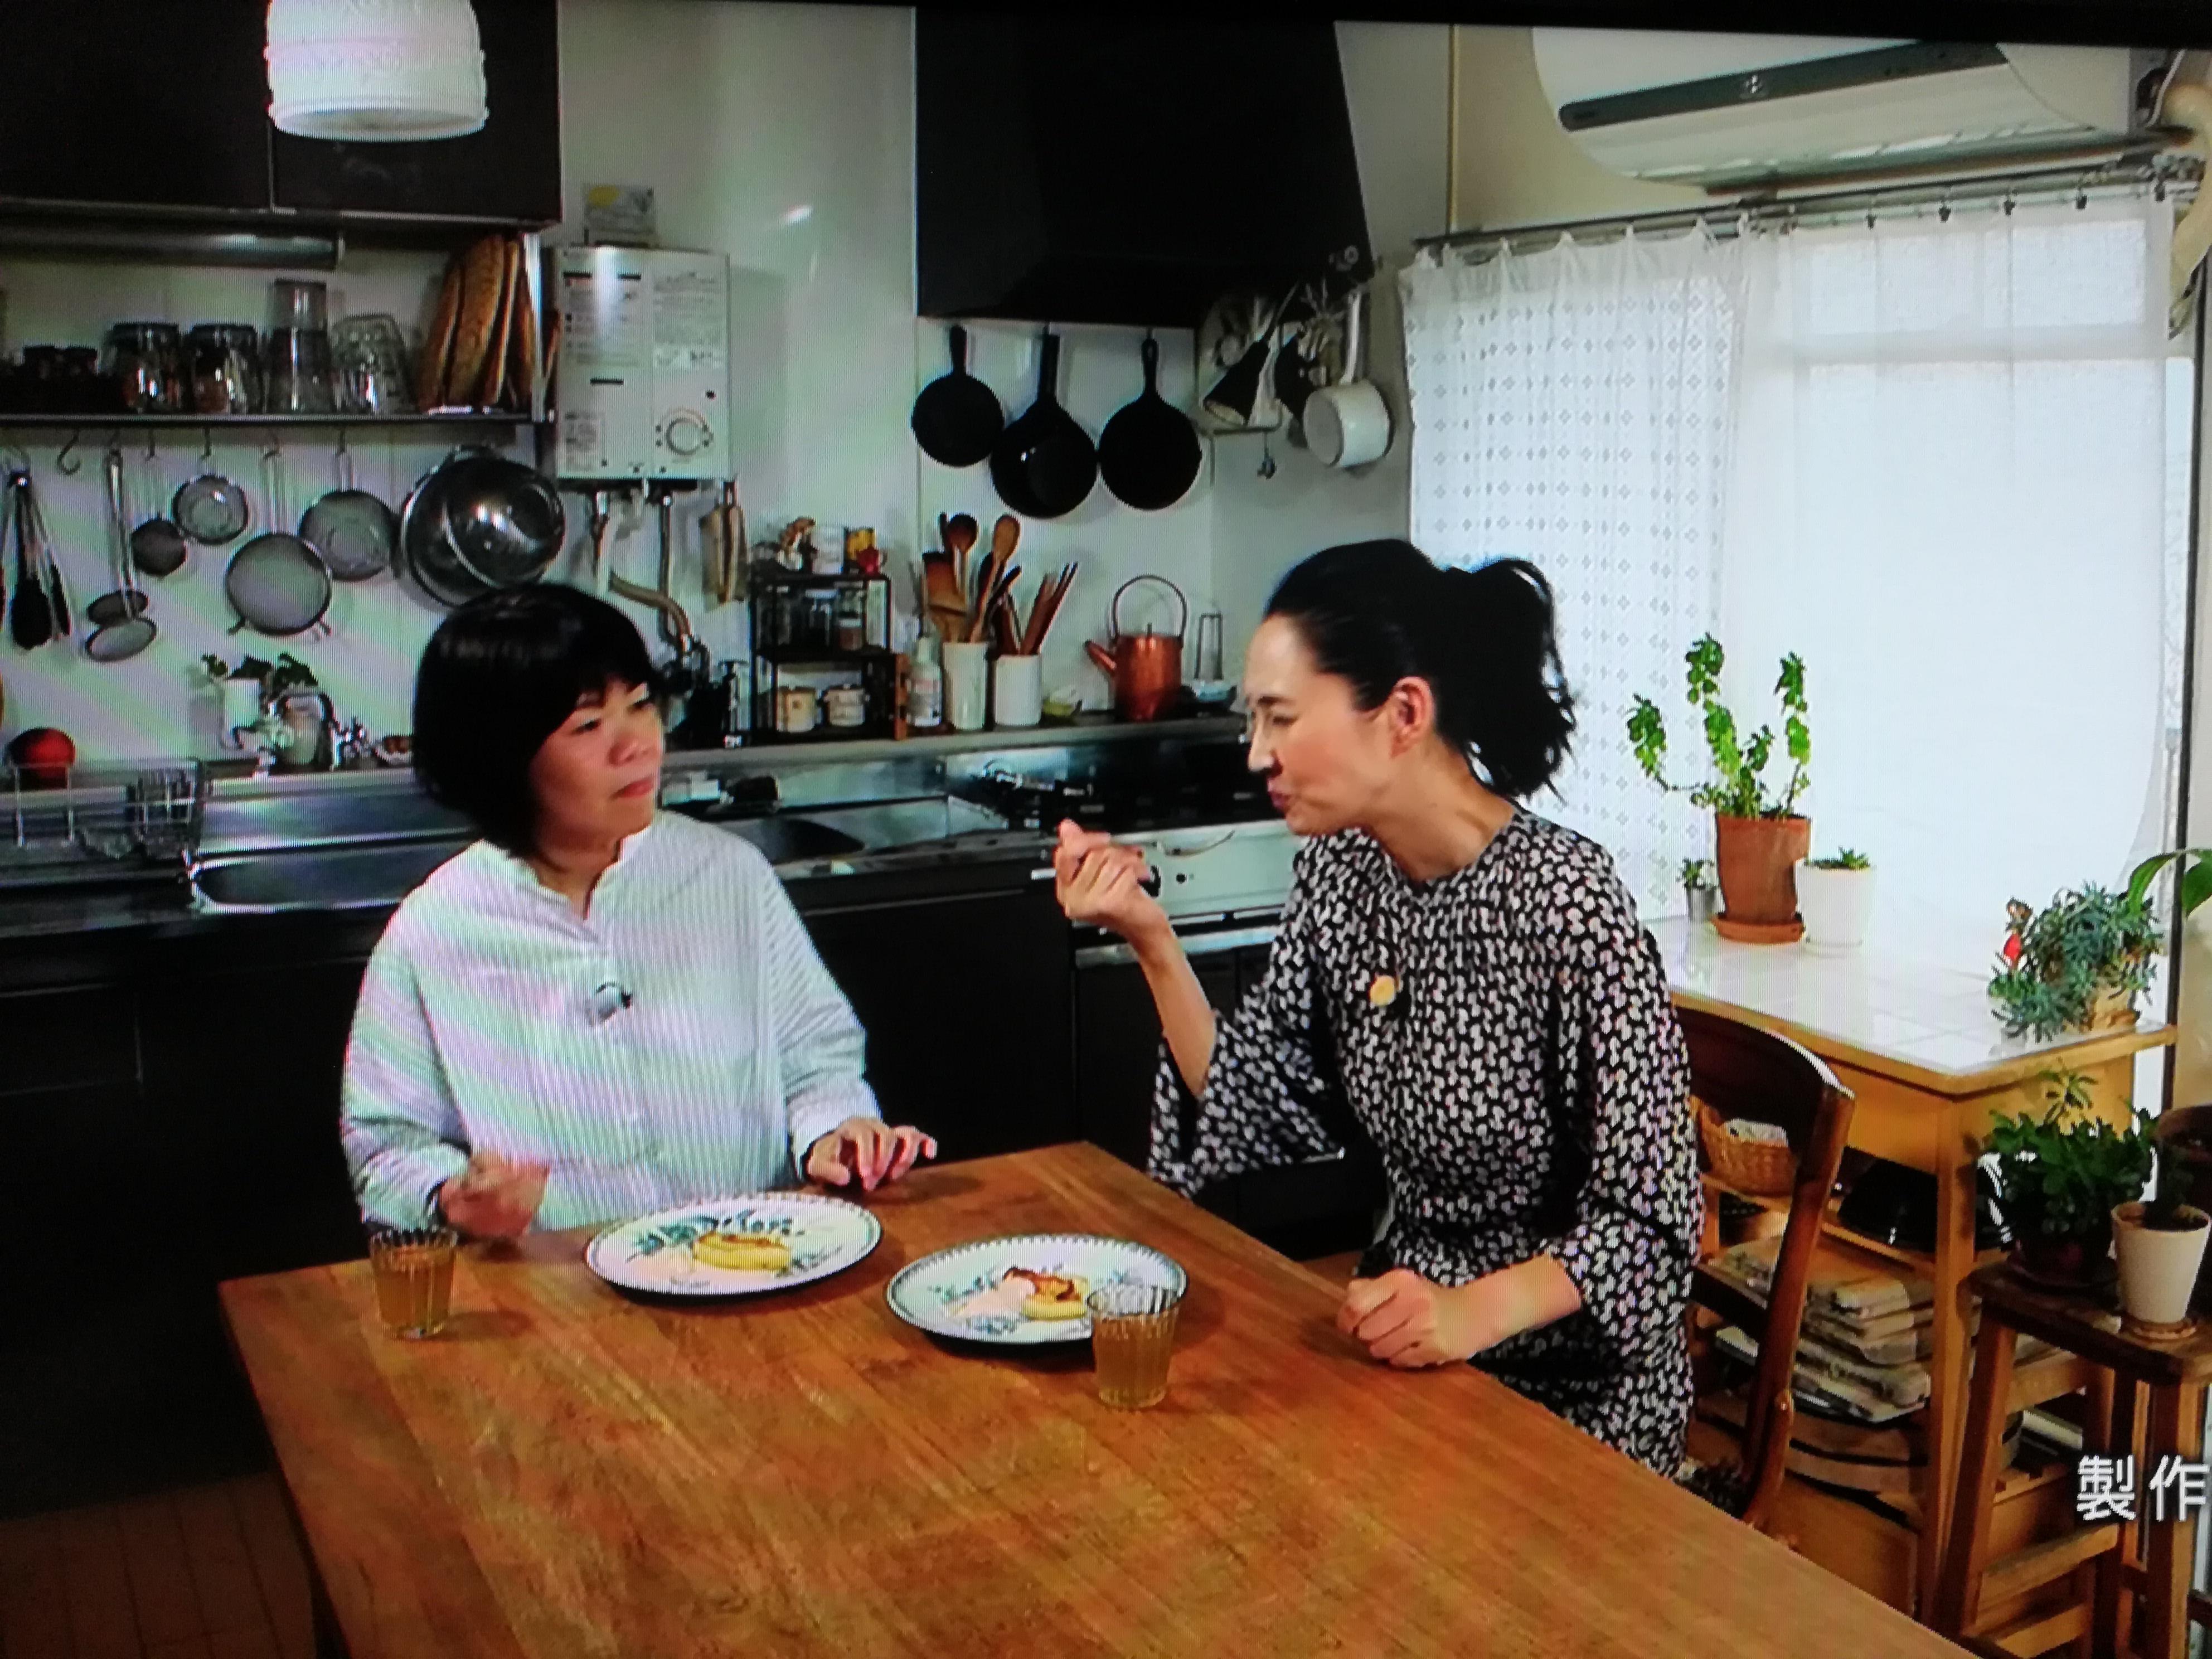 今井ようこ(料理家)の経歴は?マクロビのお菓子教室や自宅が素敵!夫や子供は?【暮らしのレシピ】